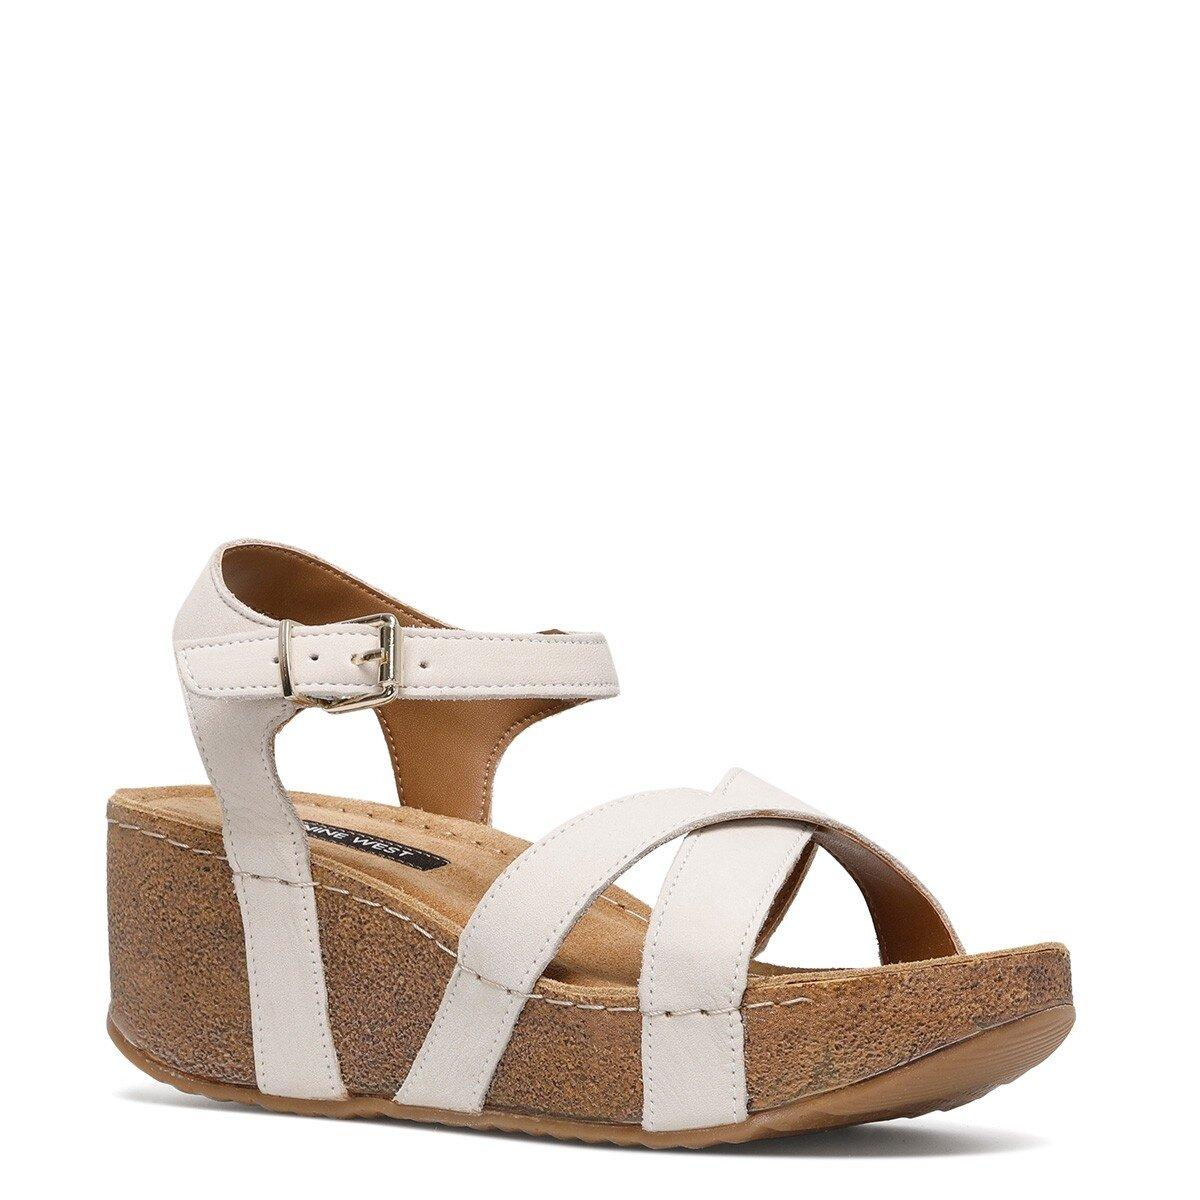 GOYARD 1FX Beyaz Kadın Dolgu Topuklu Sandalet